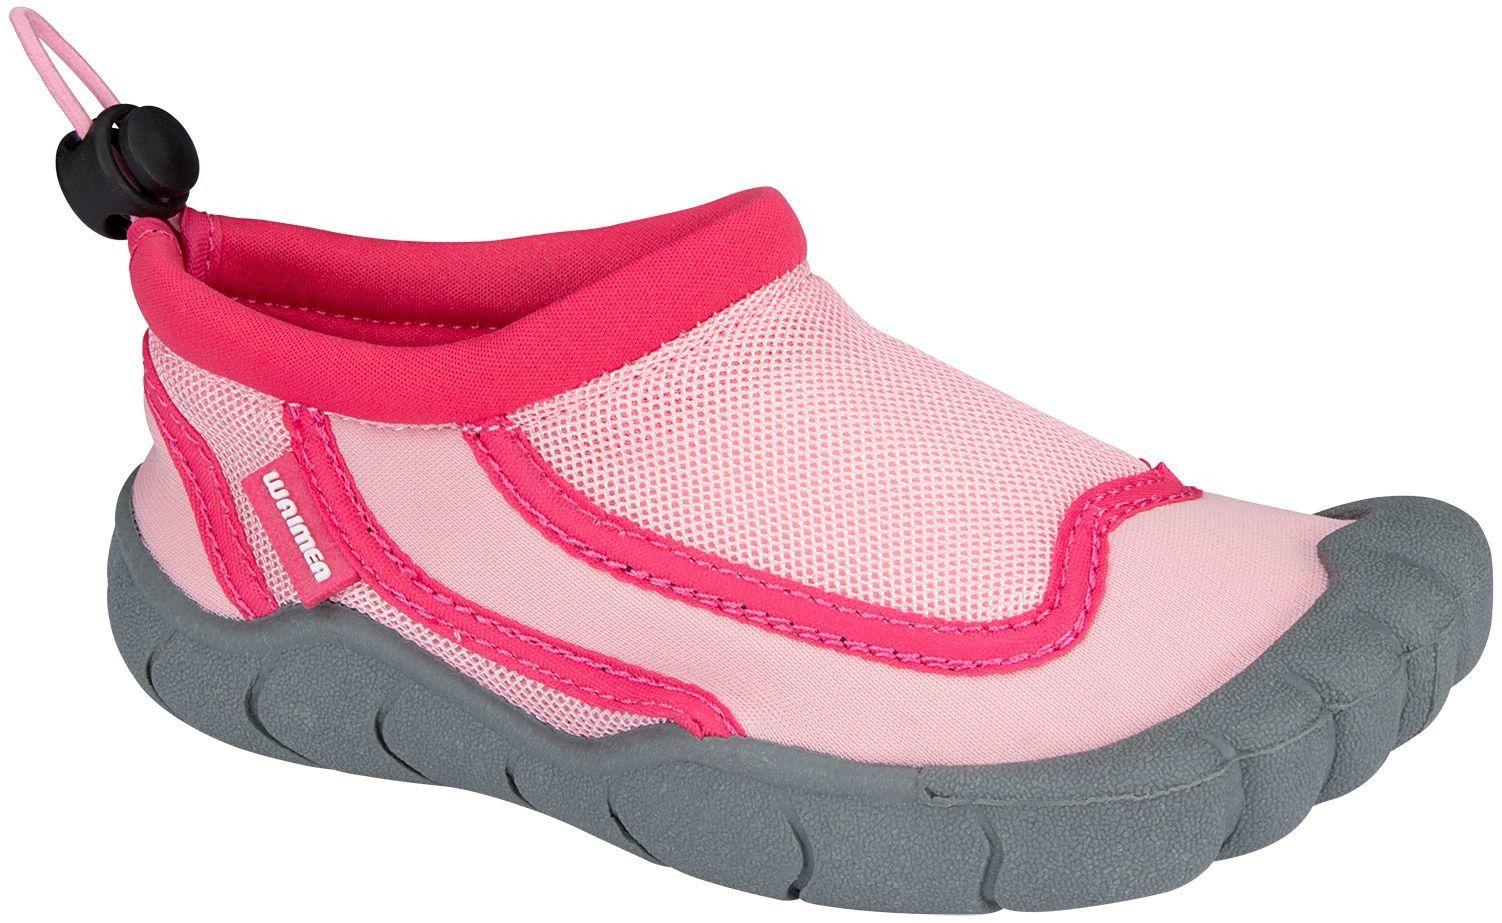 Buty do wody dla dzieci na jeżowce Waimea